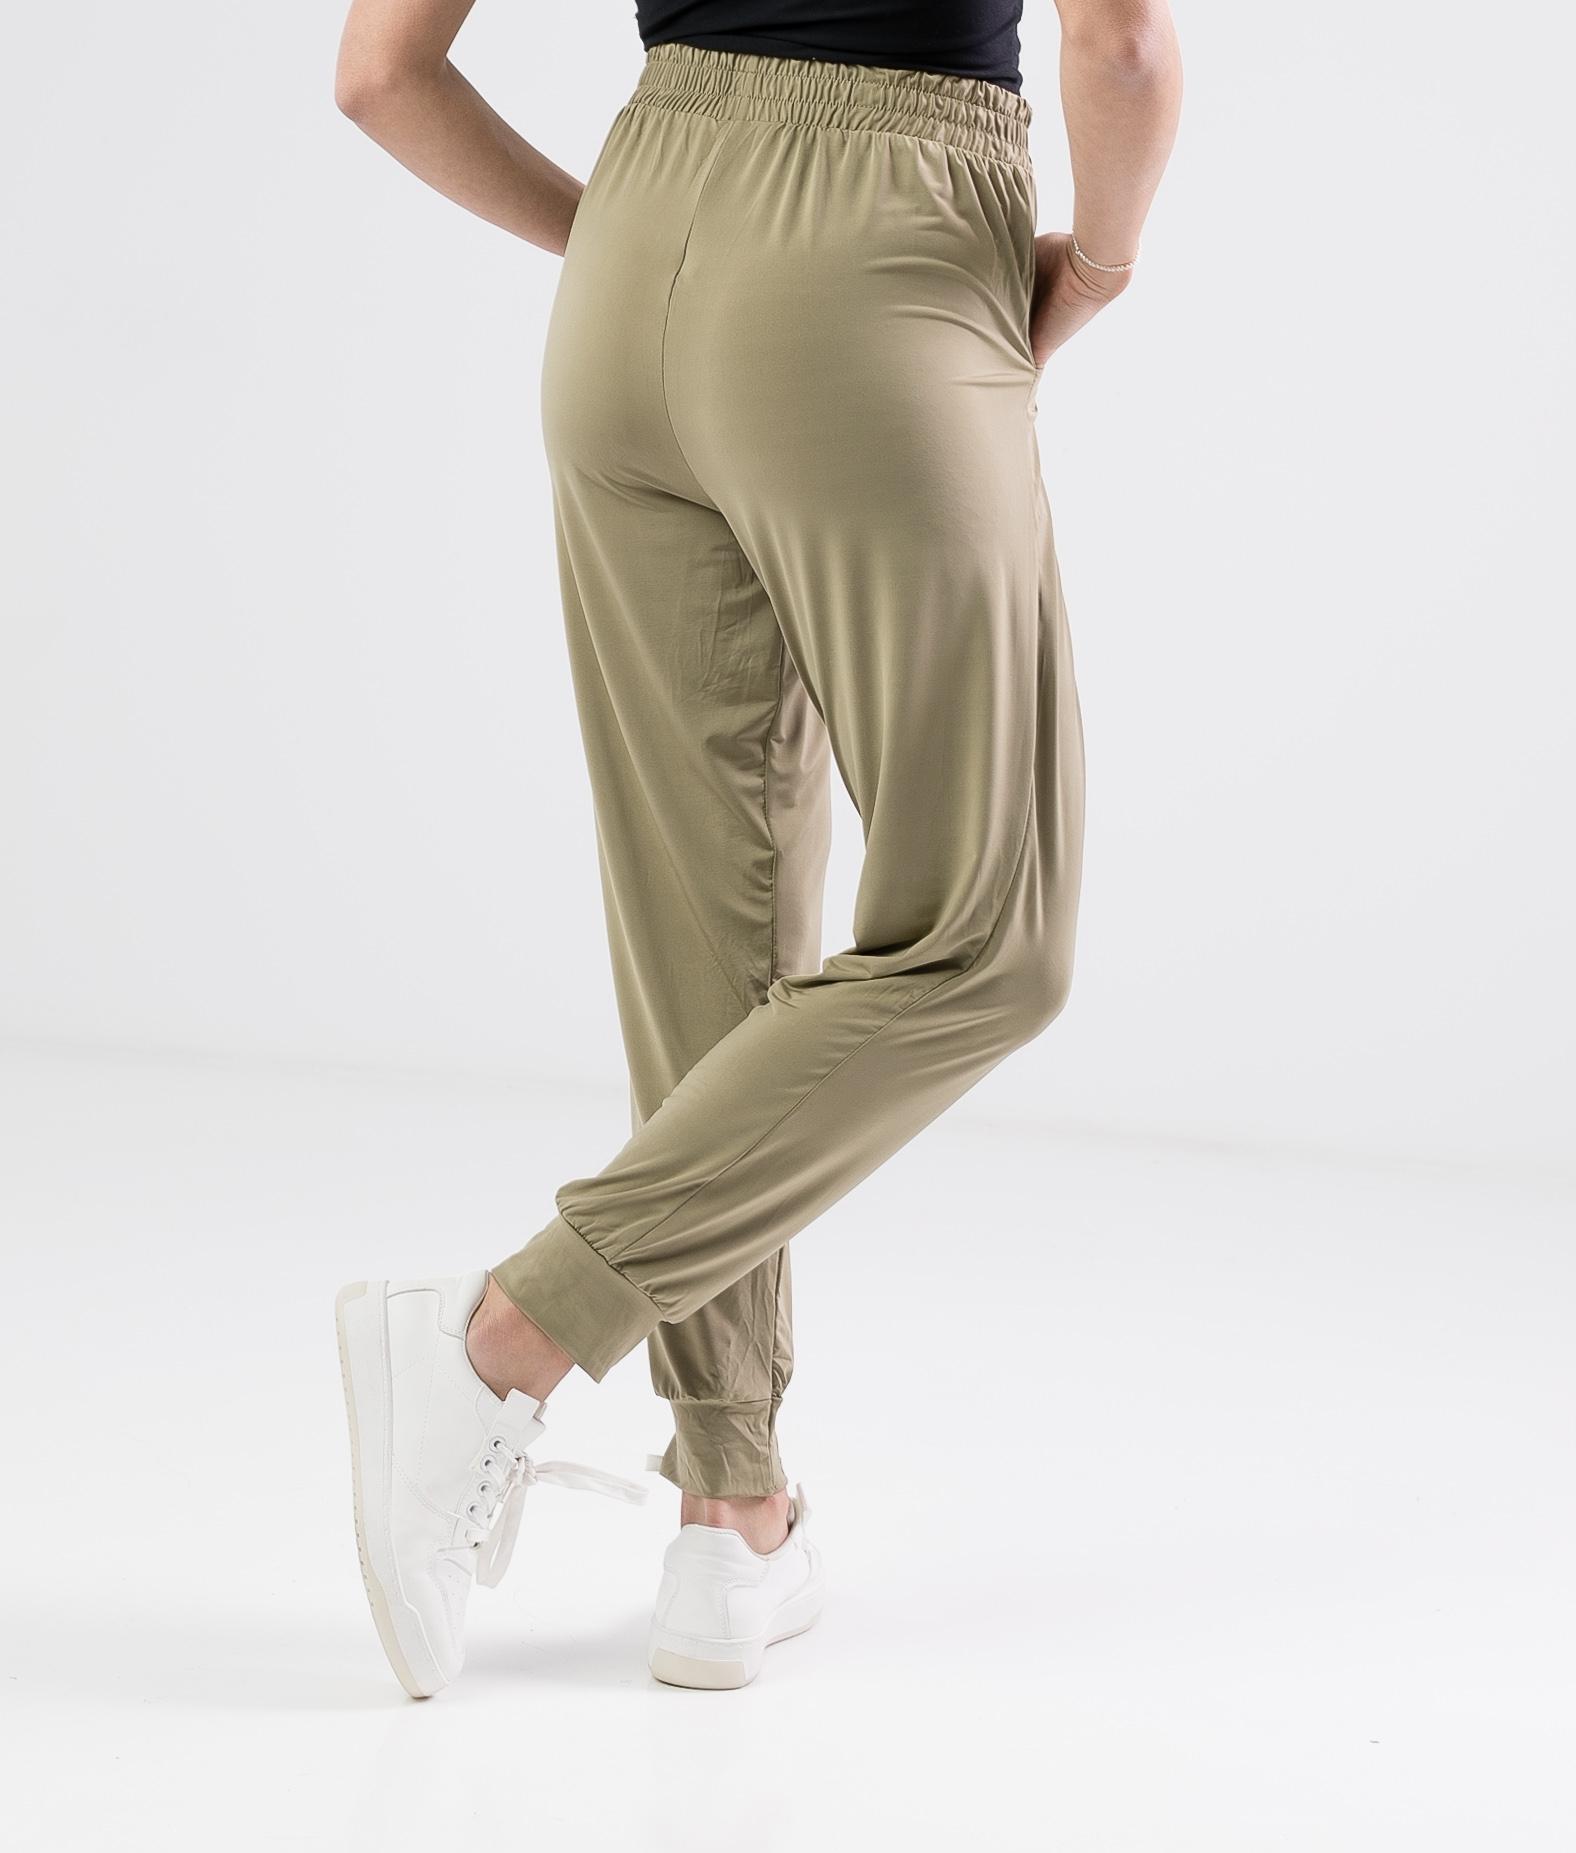 Pantalón Quive - Khaki